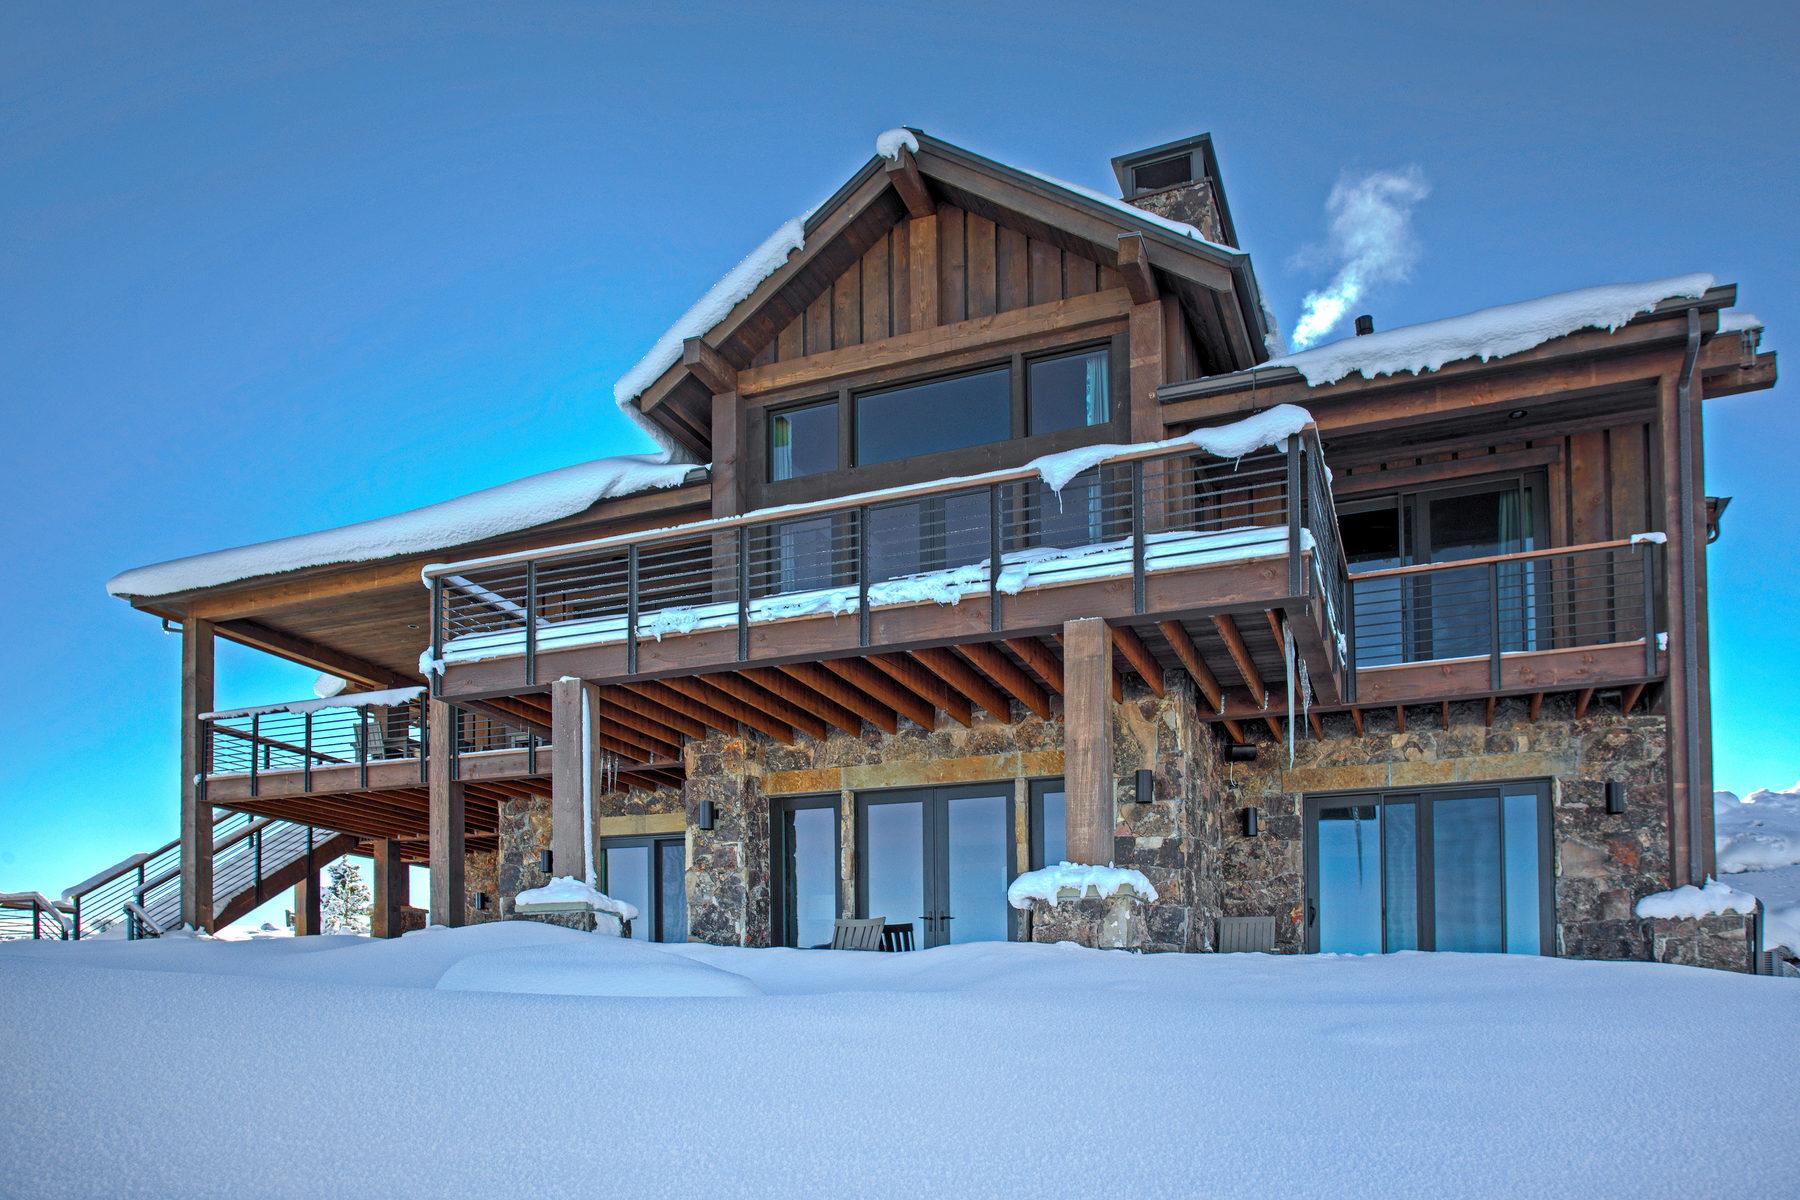 一戸建て のために 売買 アット Juniper Cabin with Spectacular Views 6966 E Rising Star Ct #288 Heber City, ユタ, 84032 アメリカ合衆国